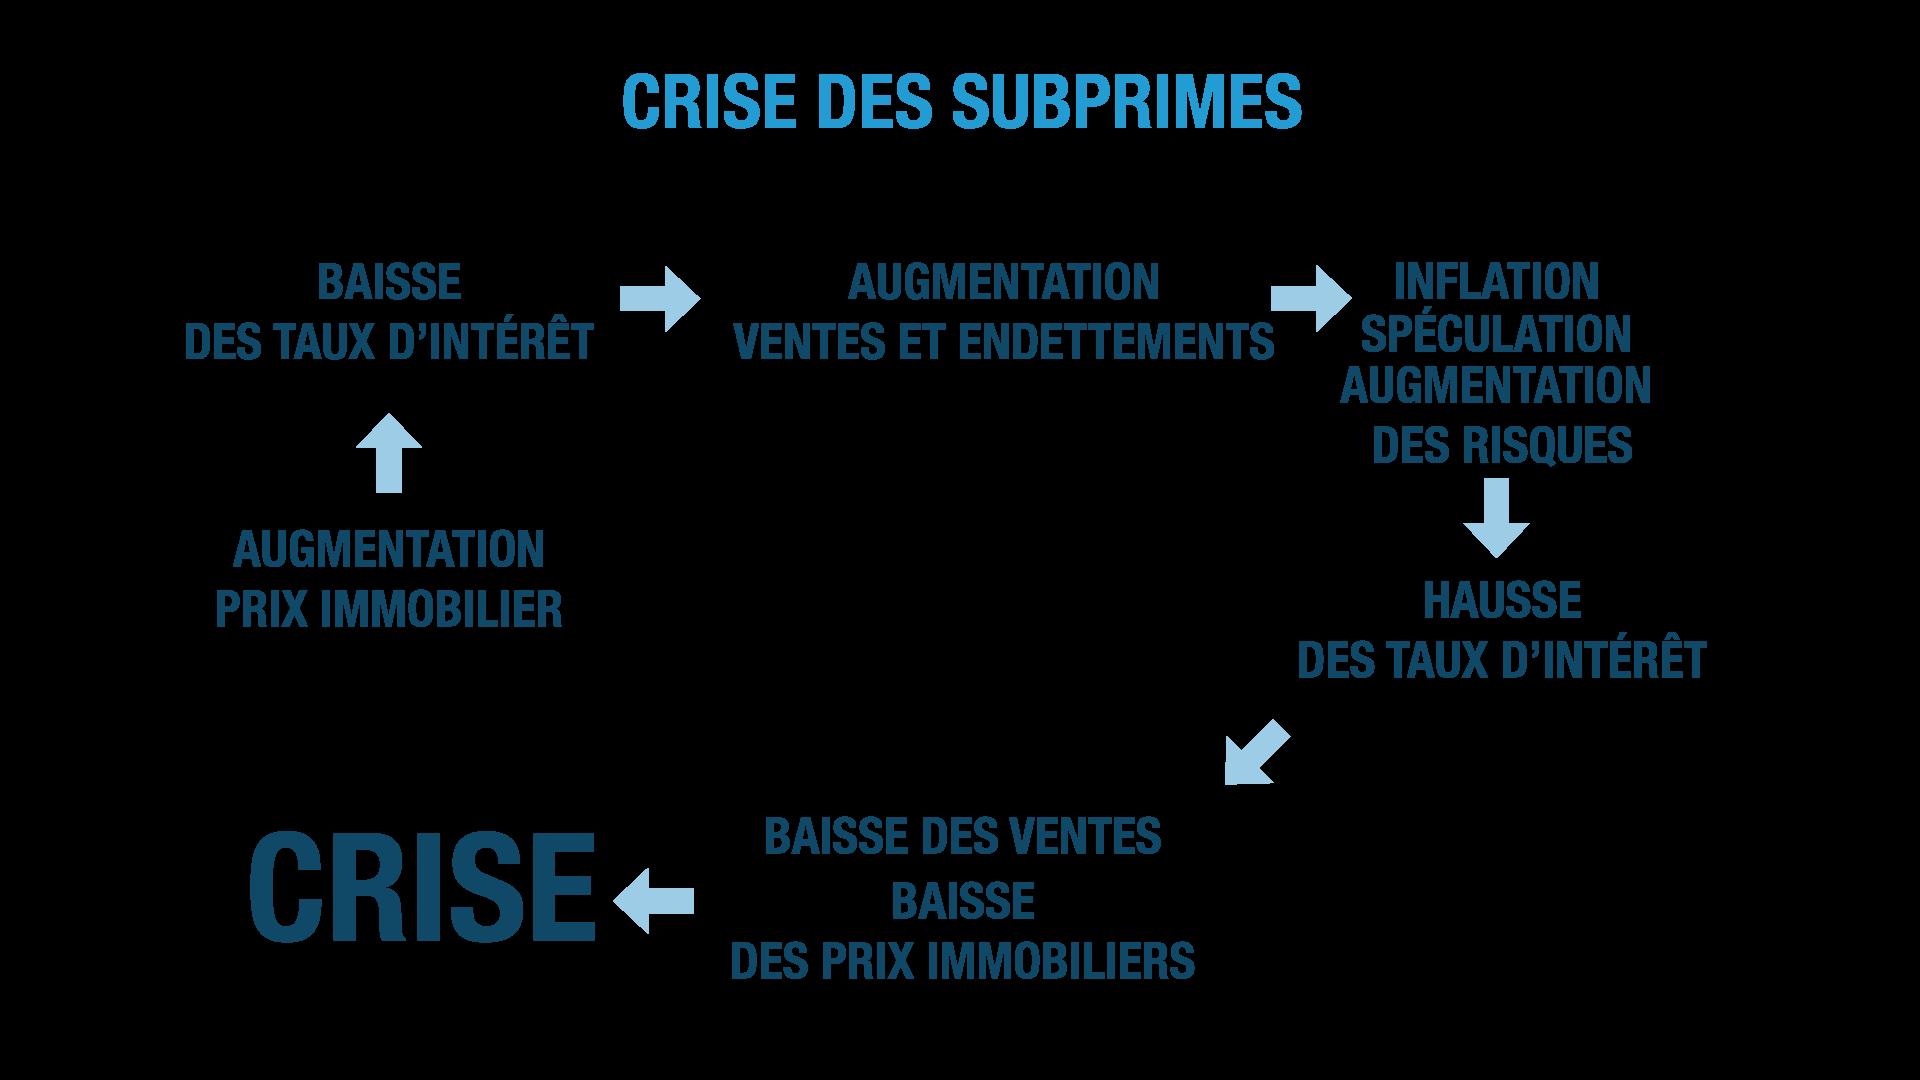 crise des subprimes ses terminale